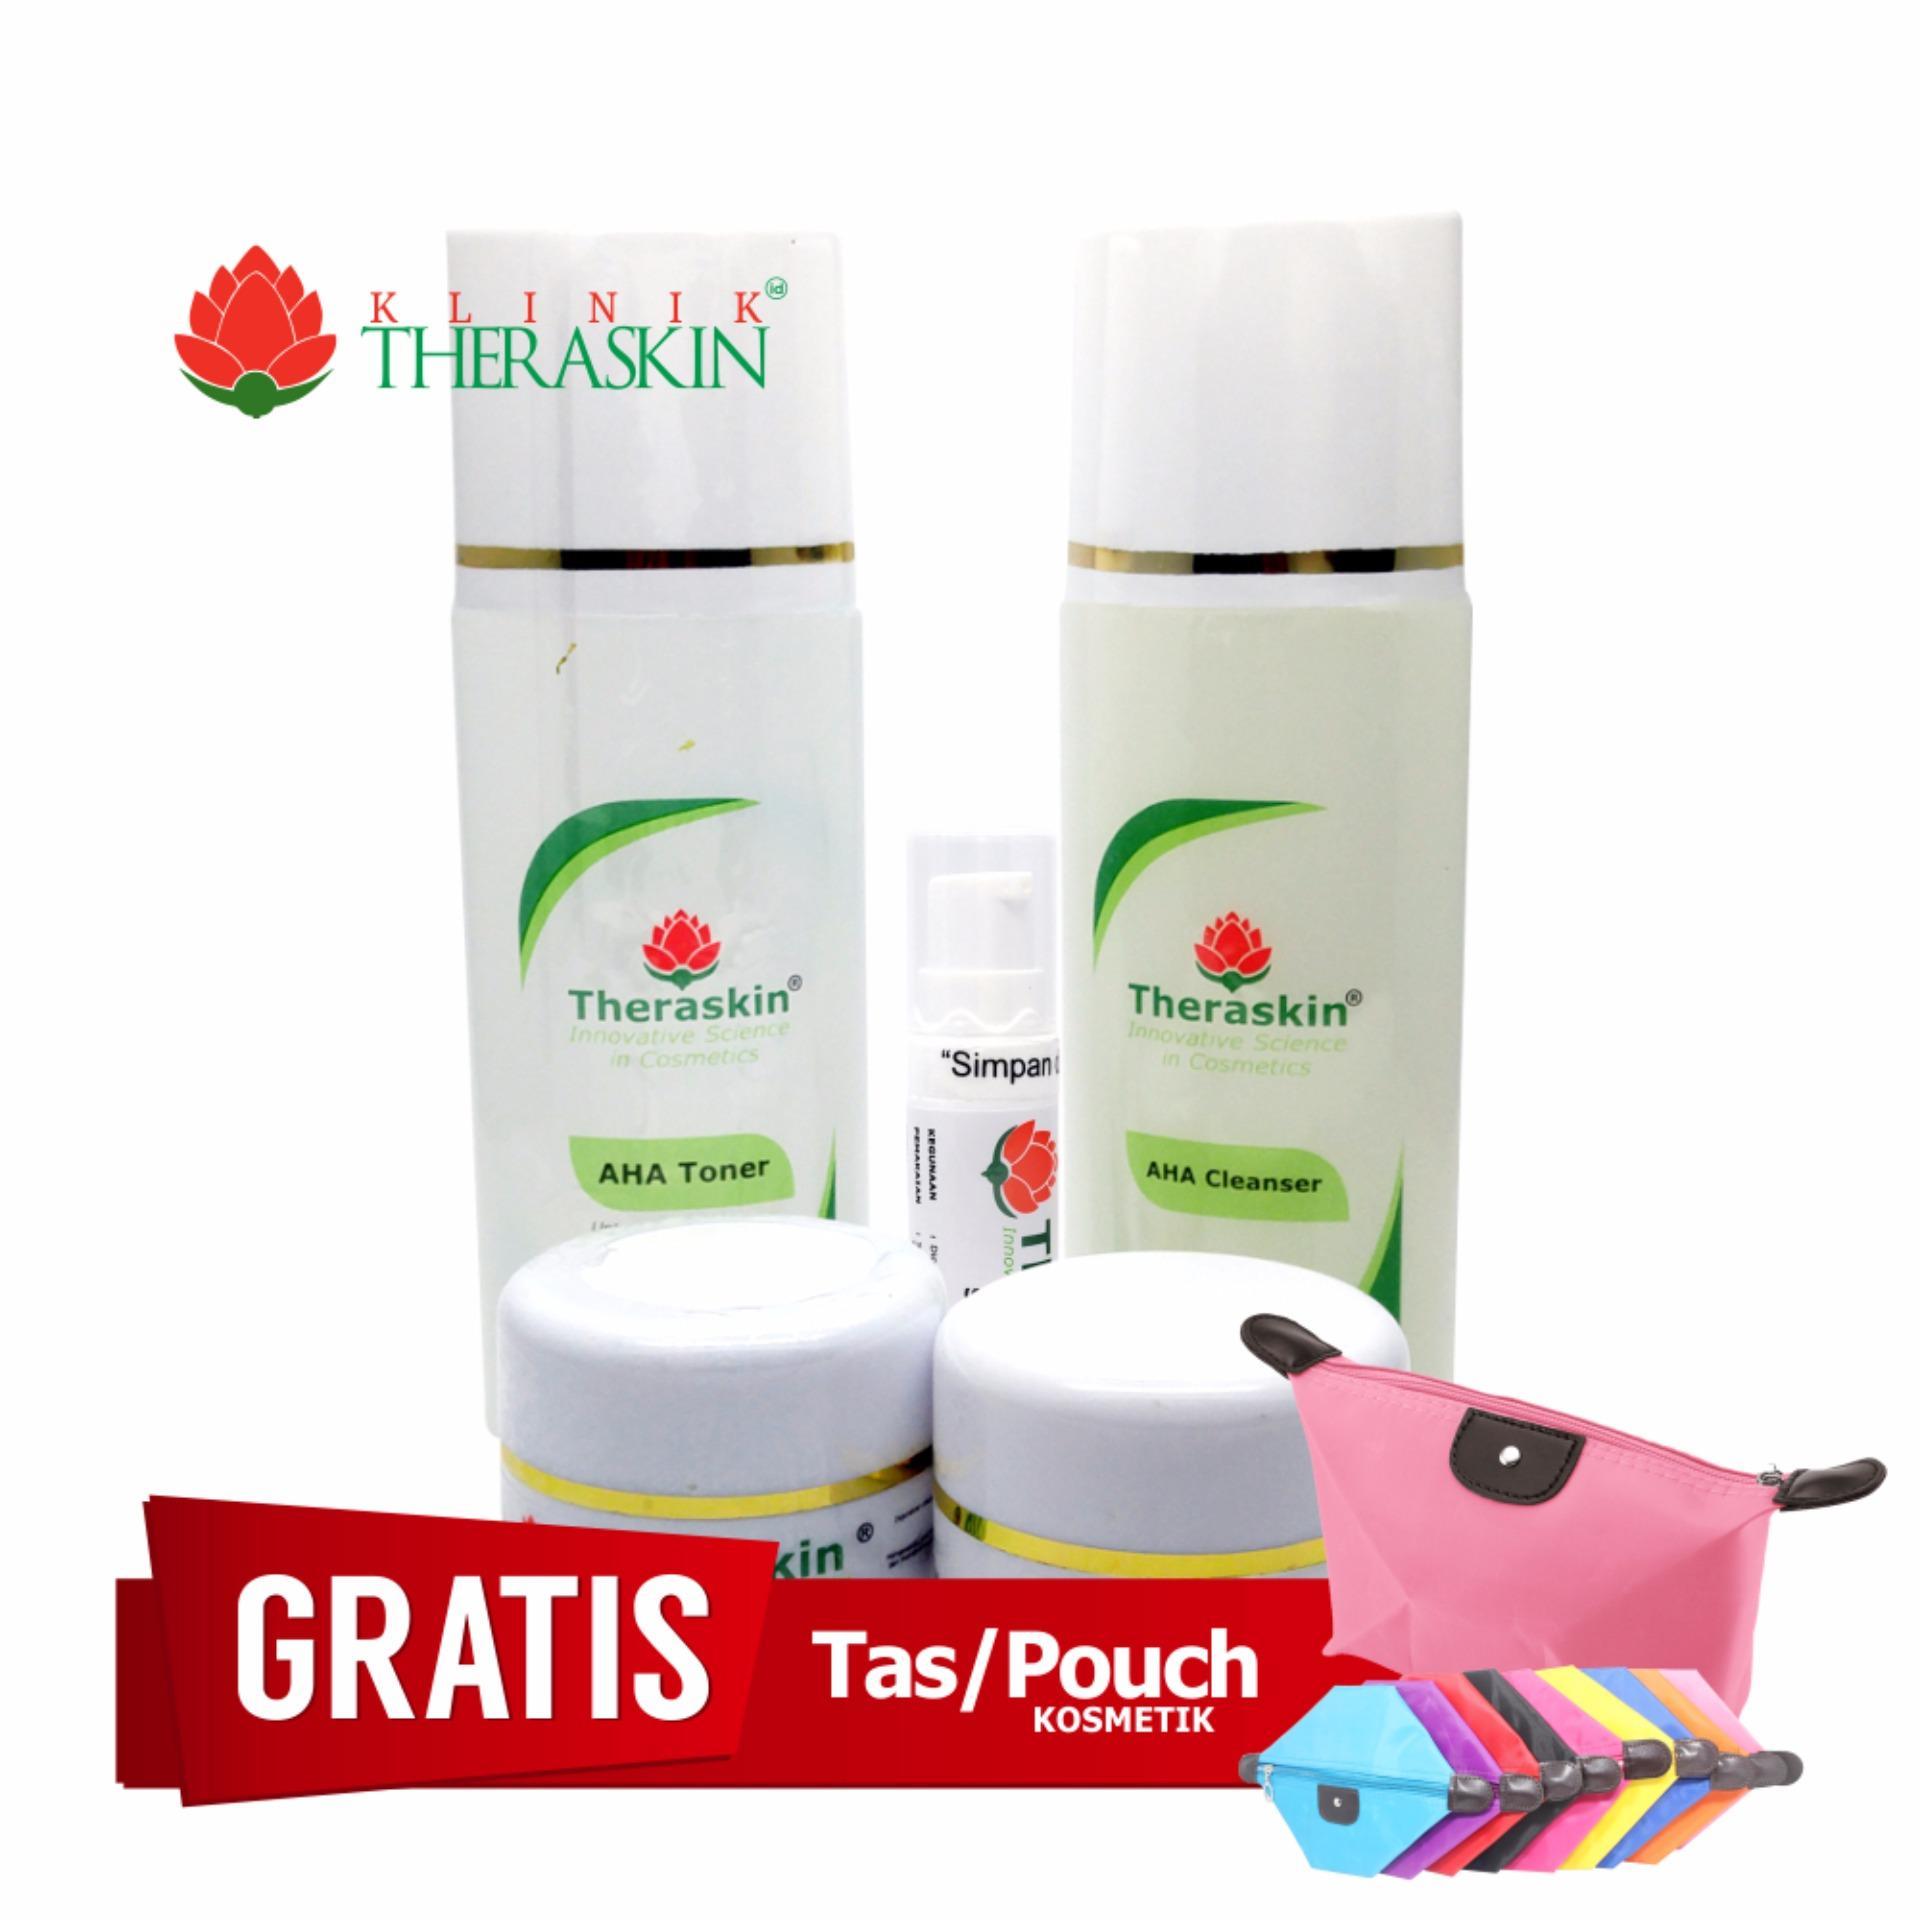 Promo Theraskin Glowing Paket Lengkap Untuk Flek Tebal Flek Sedang Parah Kt 003 Gratis Pouch Murah